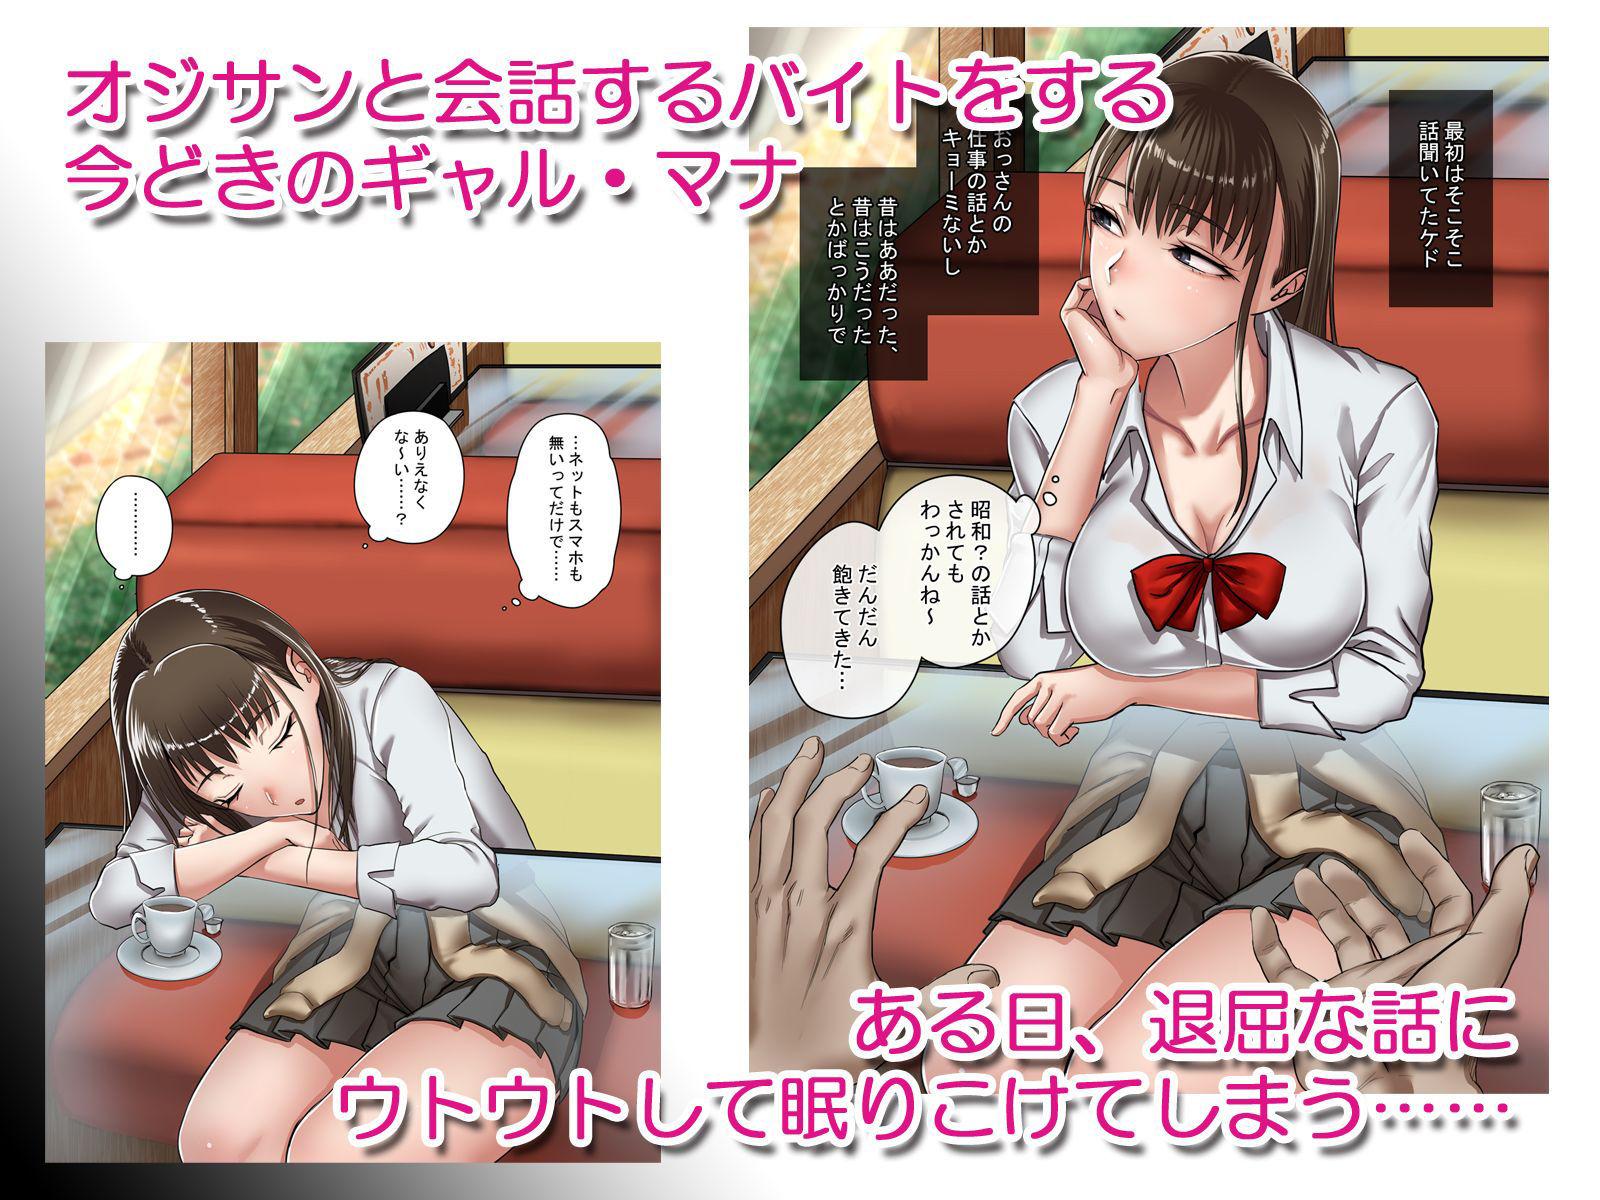 【なちゅらる彼女 同人】タイムスリップしたら昭和の男が性欲強すぎてマジで無理。